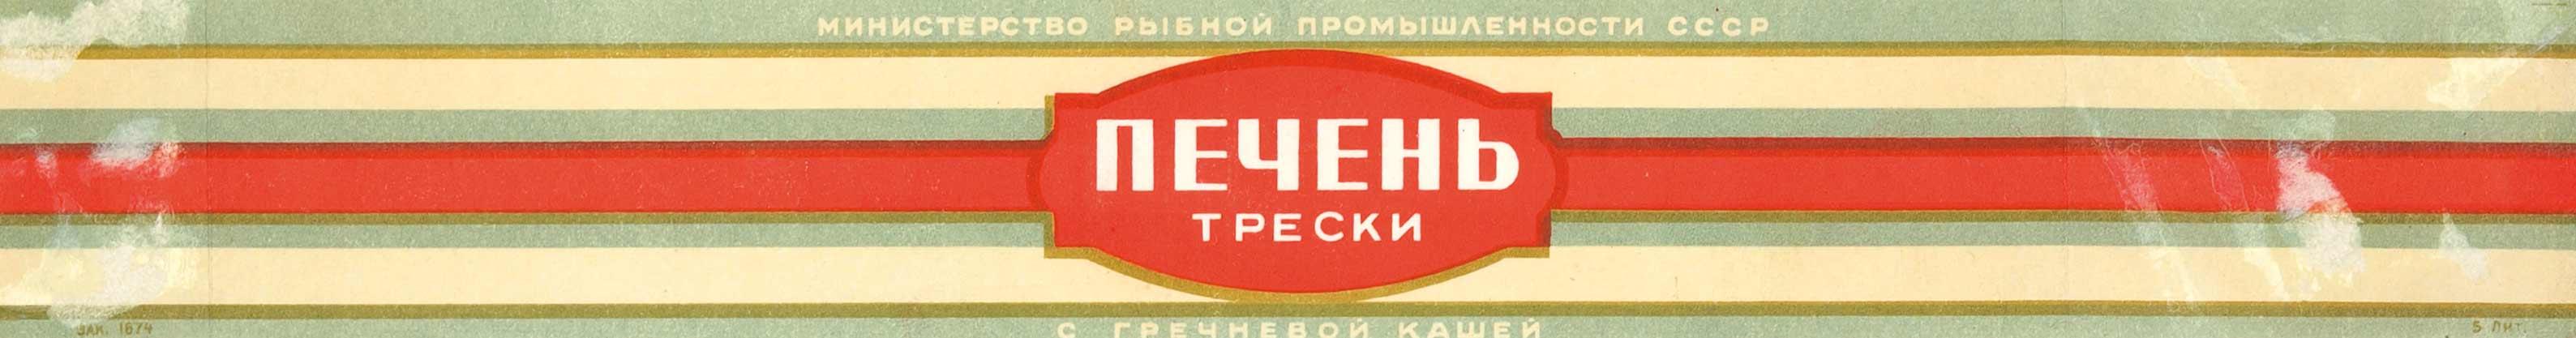 1950-е. Образец дизайна этикетки консервов «Печень трески с гречневой кашей». Мин. рыбной пром-ти СССР.